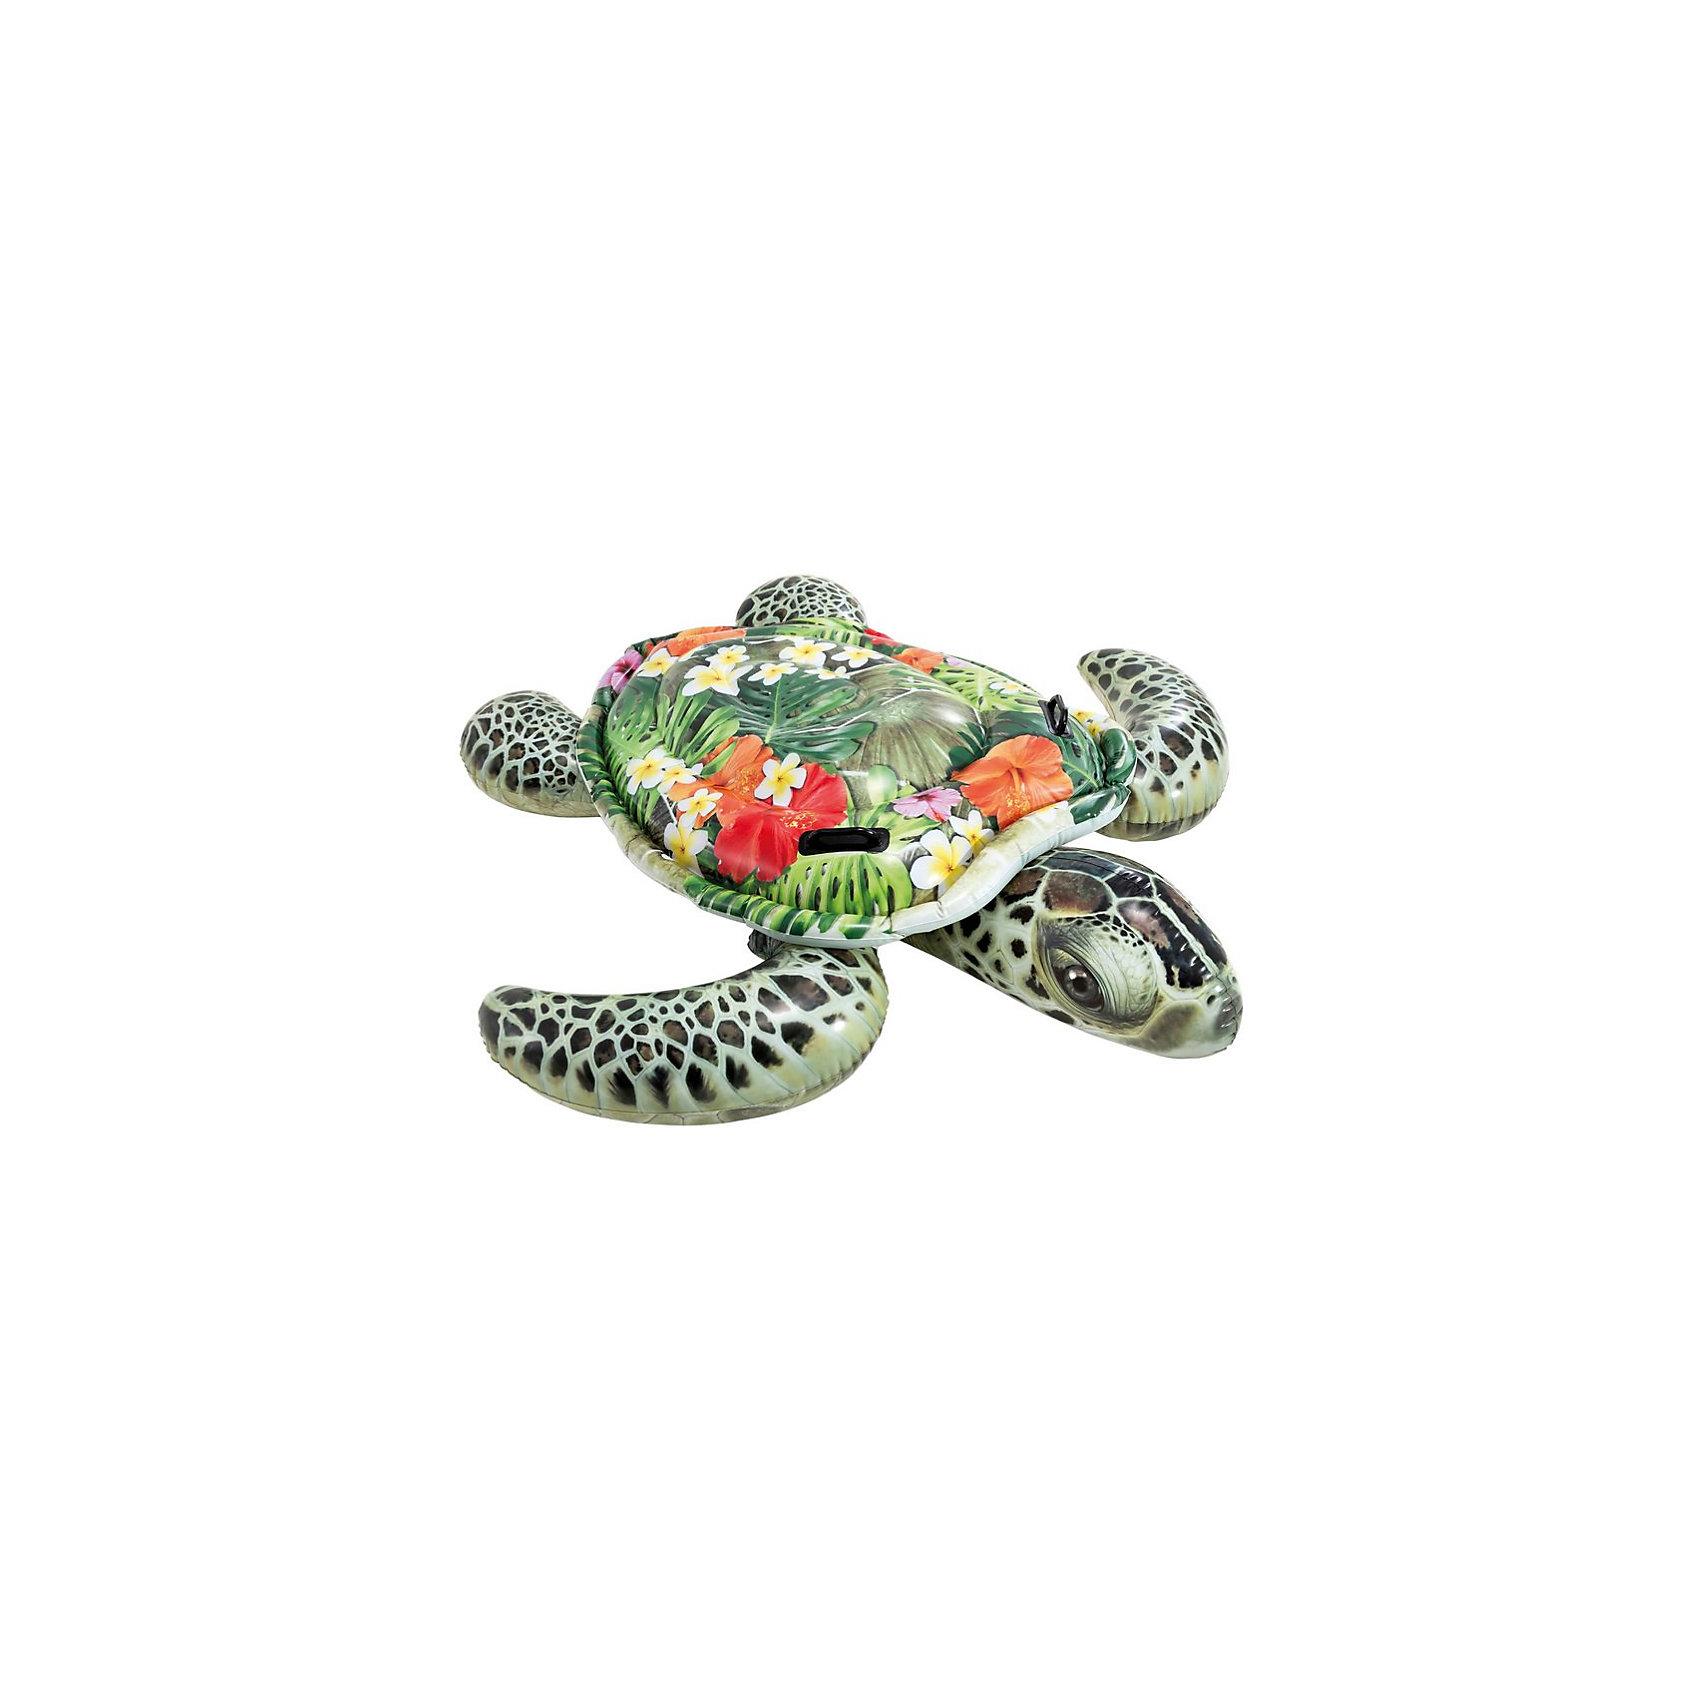 Надувная игрушка-плот Морская черепаха, с ручками, IntexМатрасы и лодки<br>Характеристики товара:<br><br>• цвет: зеленый<br>• возраст: от 3 лет<br>• материал: ПВХ, толщиной 0.30мм<br>• размер 191х170см<br>• 2 воздушные камеры<br>• дополнительная устойчивая конструкция<br>• 2 пластиковых ручки<br>• ремонтный комплект<br><br>Морская надувная черепаха с ручками Intex - красивый детский надувной плот-матрас для детей. <br><br>Широкий панцырь, на который можно забраться и весело покататься на большой черепахе, держась за две ручки!<br><br>Подойдет как для бассейнов, так и для открытой воды. <br><br>Рисунок очень реалистичен, верх игрушки имеет рельефные выступы, имитируя панцырь черепахи.<br><br>Надувную игрушку-плот Морская черепаха, с ручками, Intex можно купить в нашем интернет-магазине.<br><br>Ширина мм: 95<br>Глубина мм: 267<br>Высота мм: 244<br>Вес г: 1808<br>Цвет: зеленый<br>Возраст от месяцев: 36<br>Возраст до месяцев: 1164<br>Пол: Унисекс<br>Возраст: Детский<br>SKU: 4968677